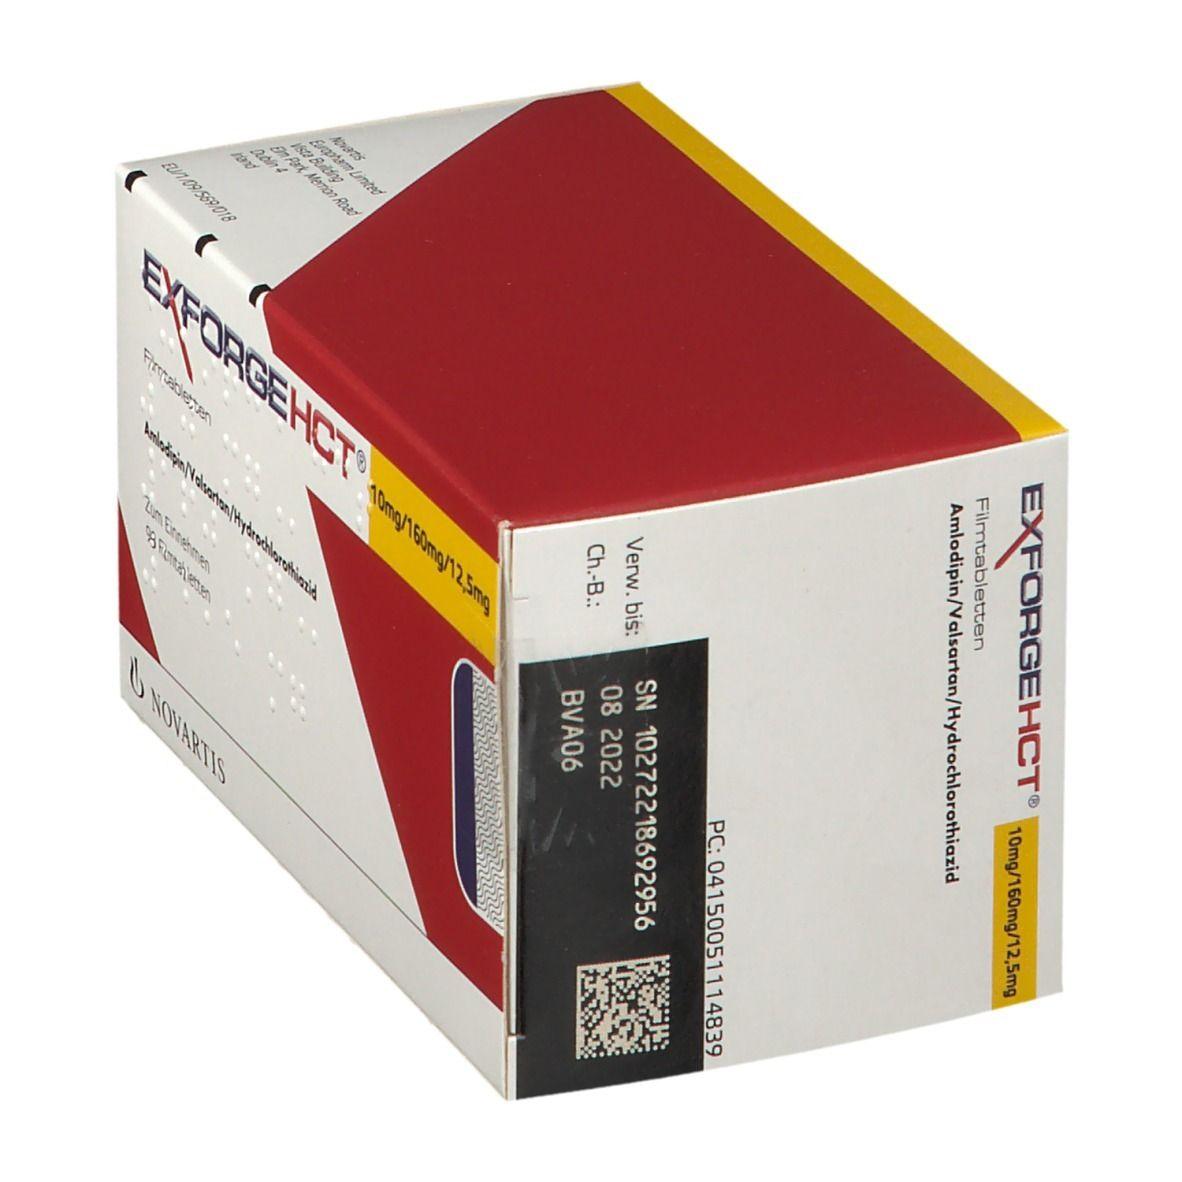 Exforge Hct 10/160/12,5 mg Filmtabletten 98 St - shop ...